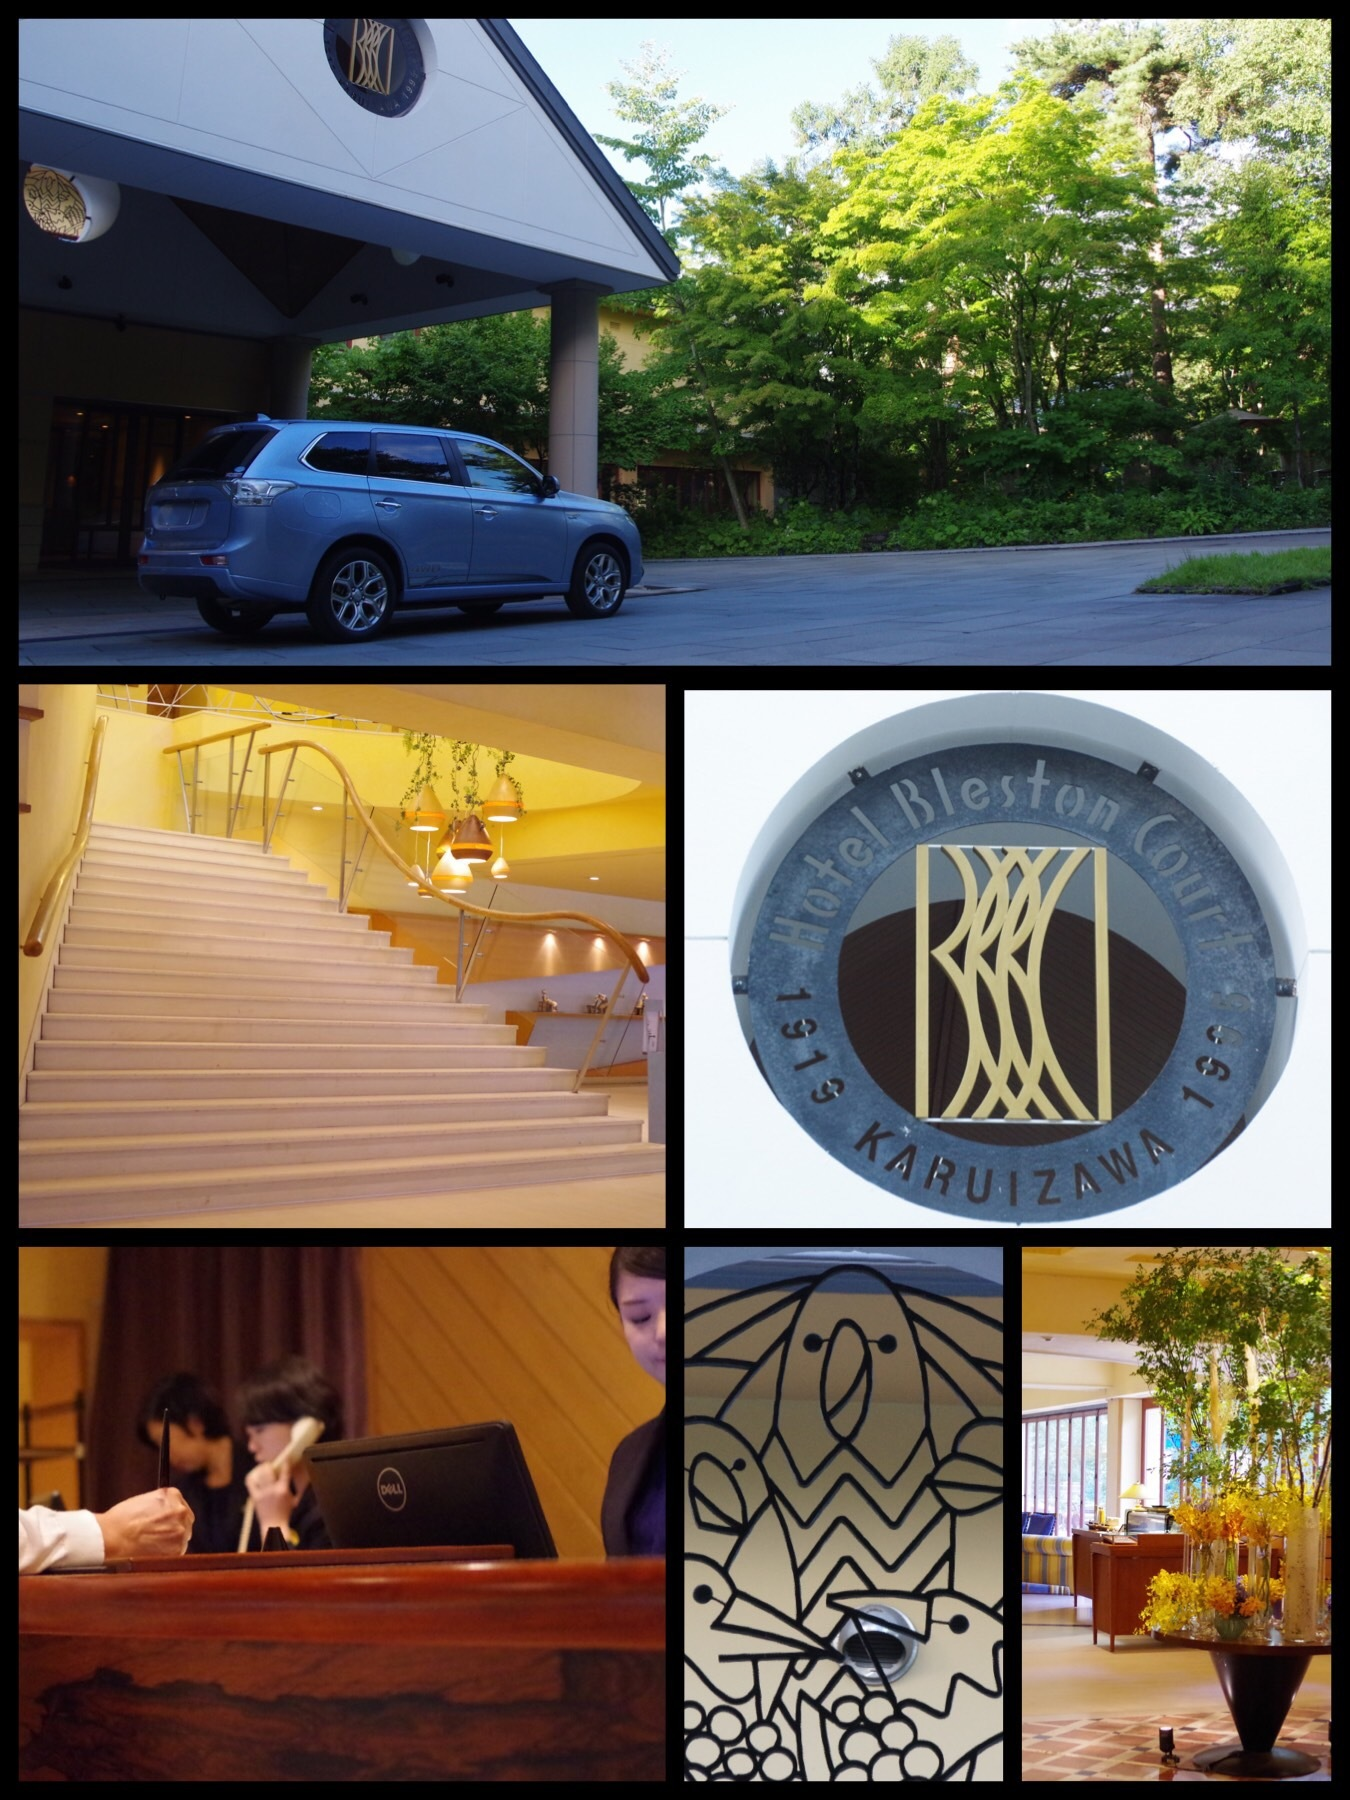 軽井沢ブレストンコートホテル テラスヴィラ宿泊